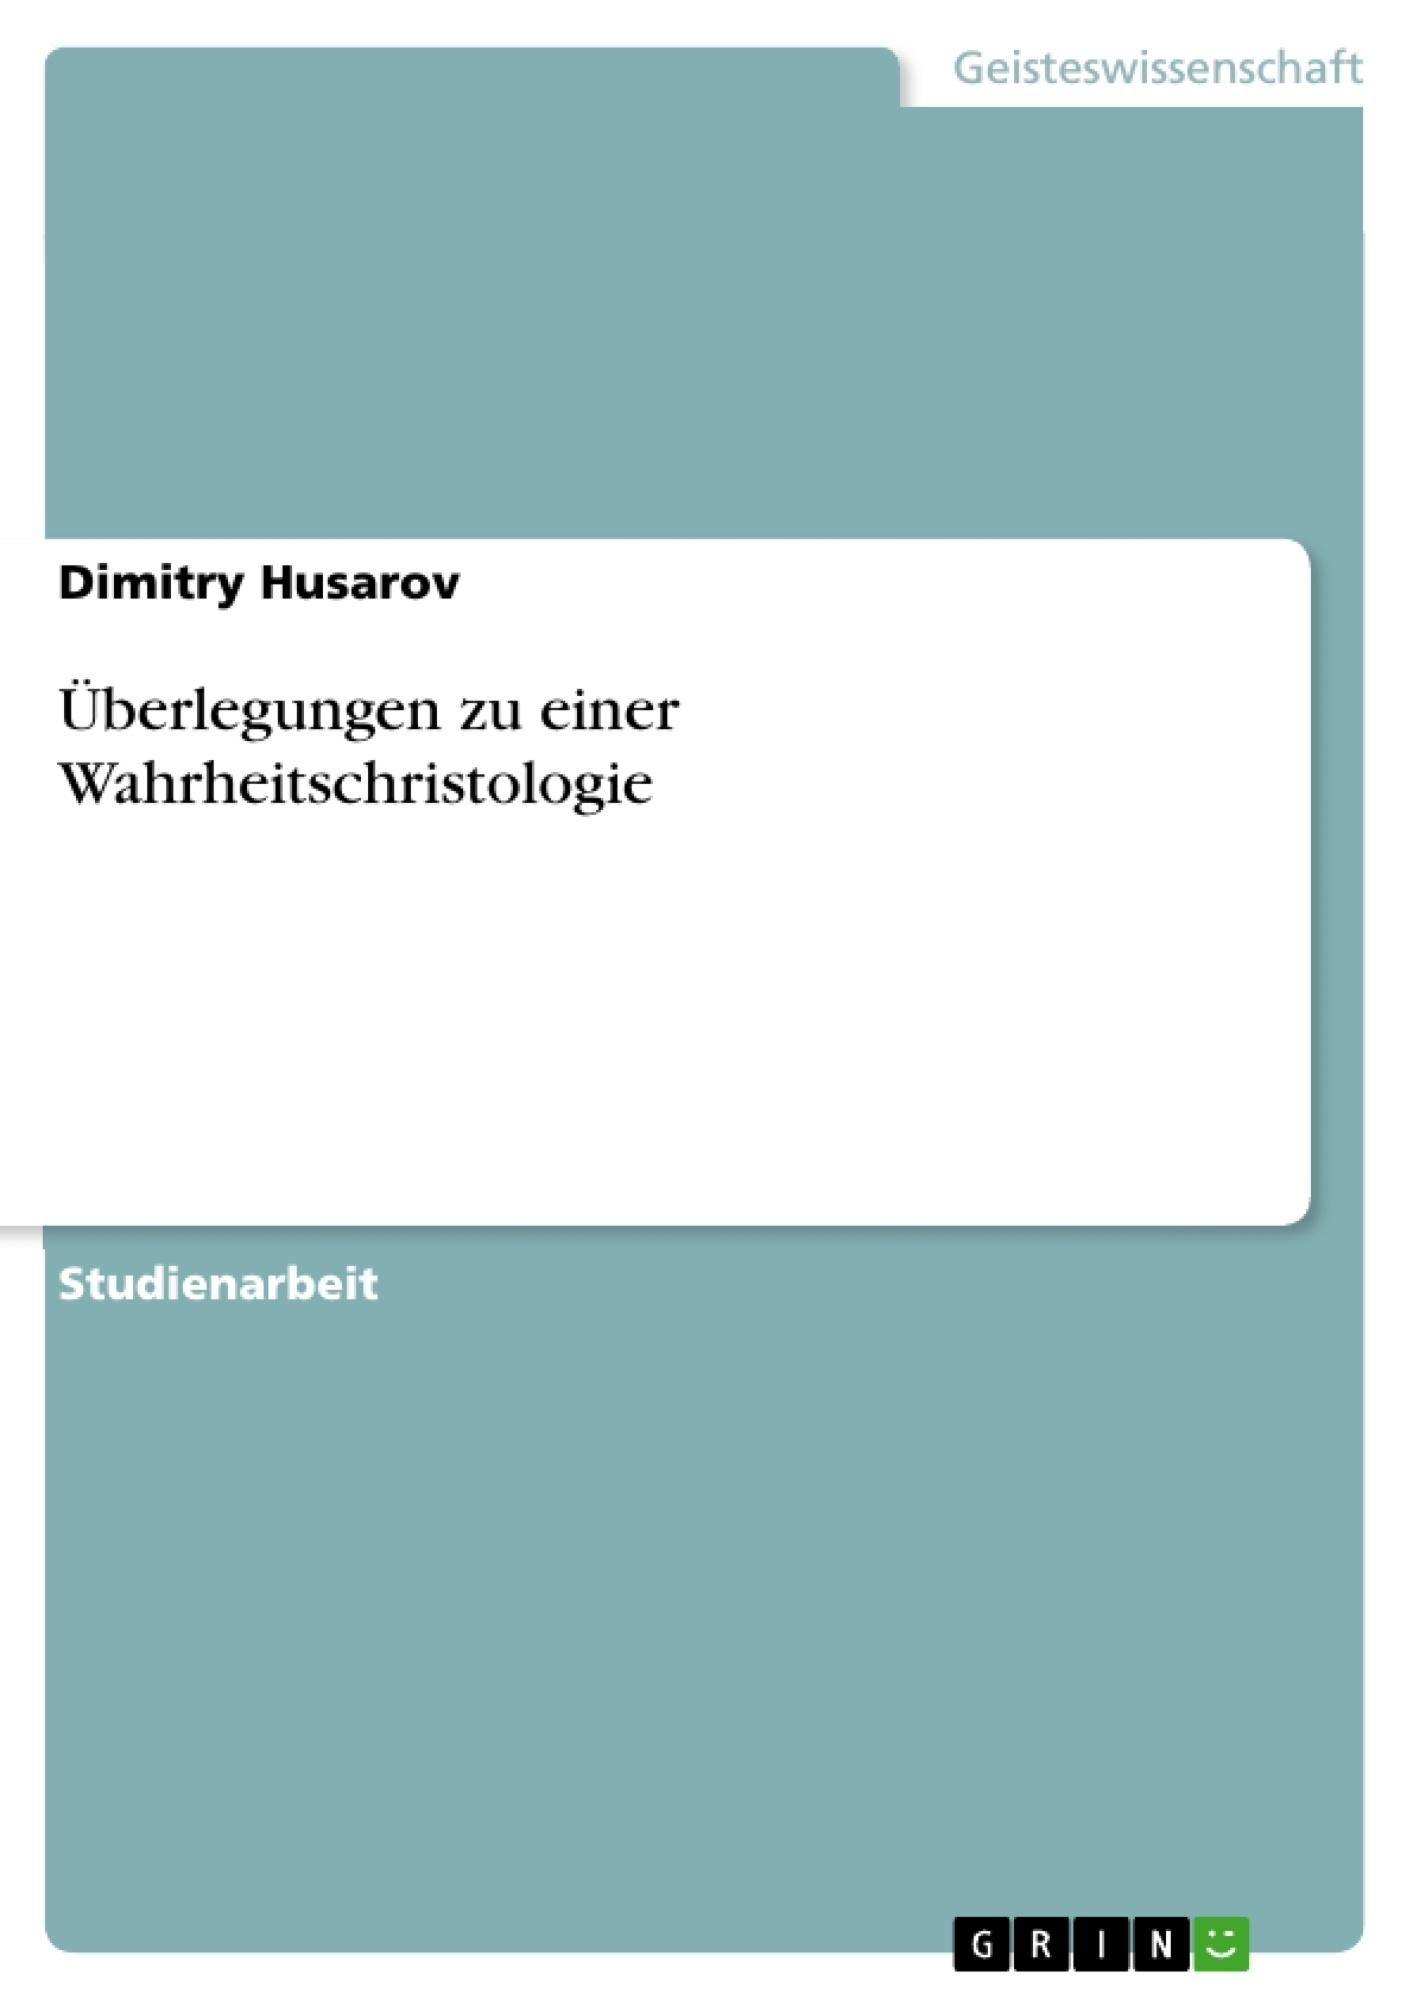 Titel: Überlegungen zu einer Wahrheitschristologie